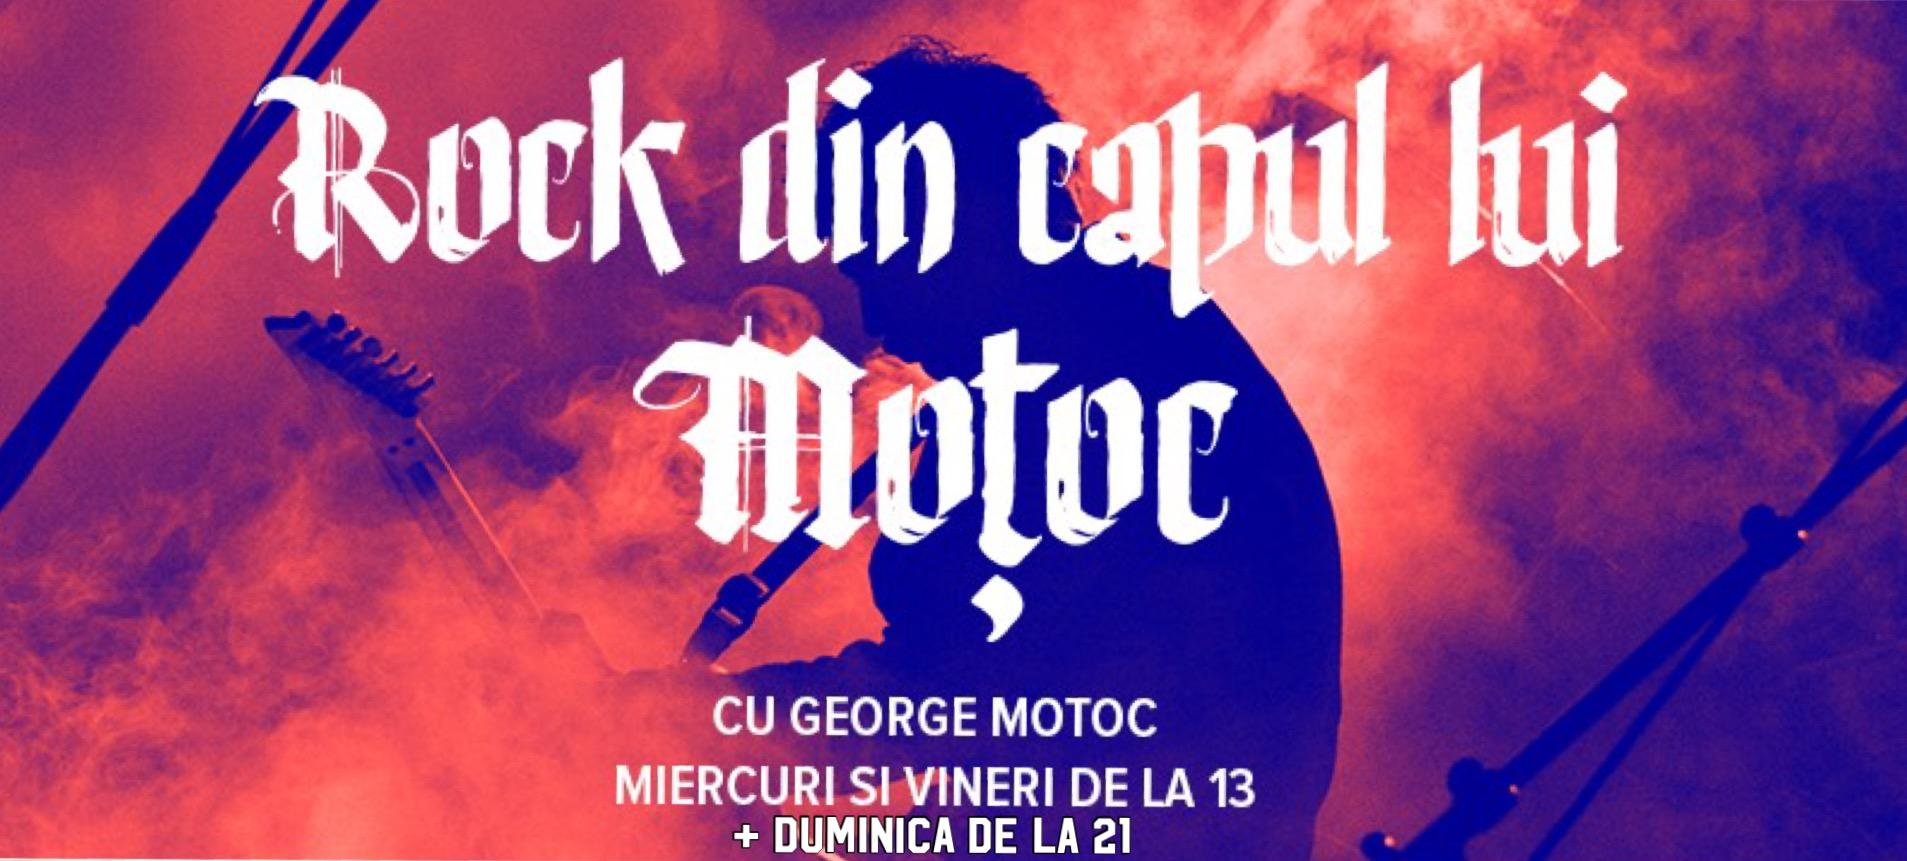 Rock din capul lui Motoc logo 2017